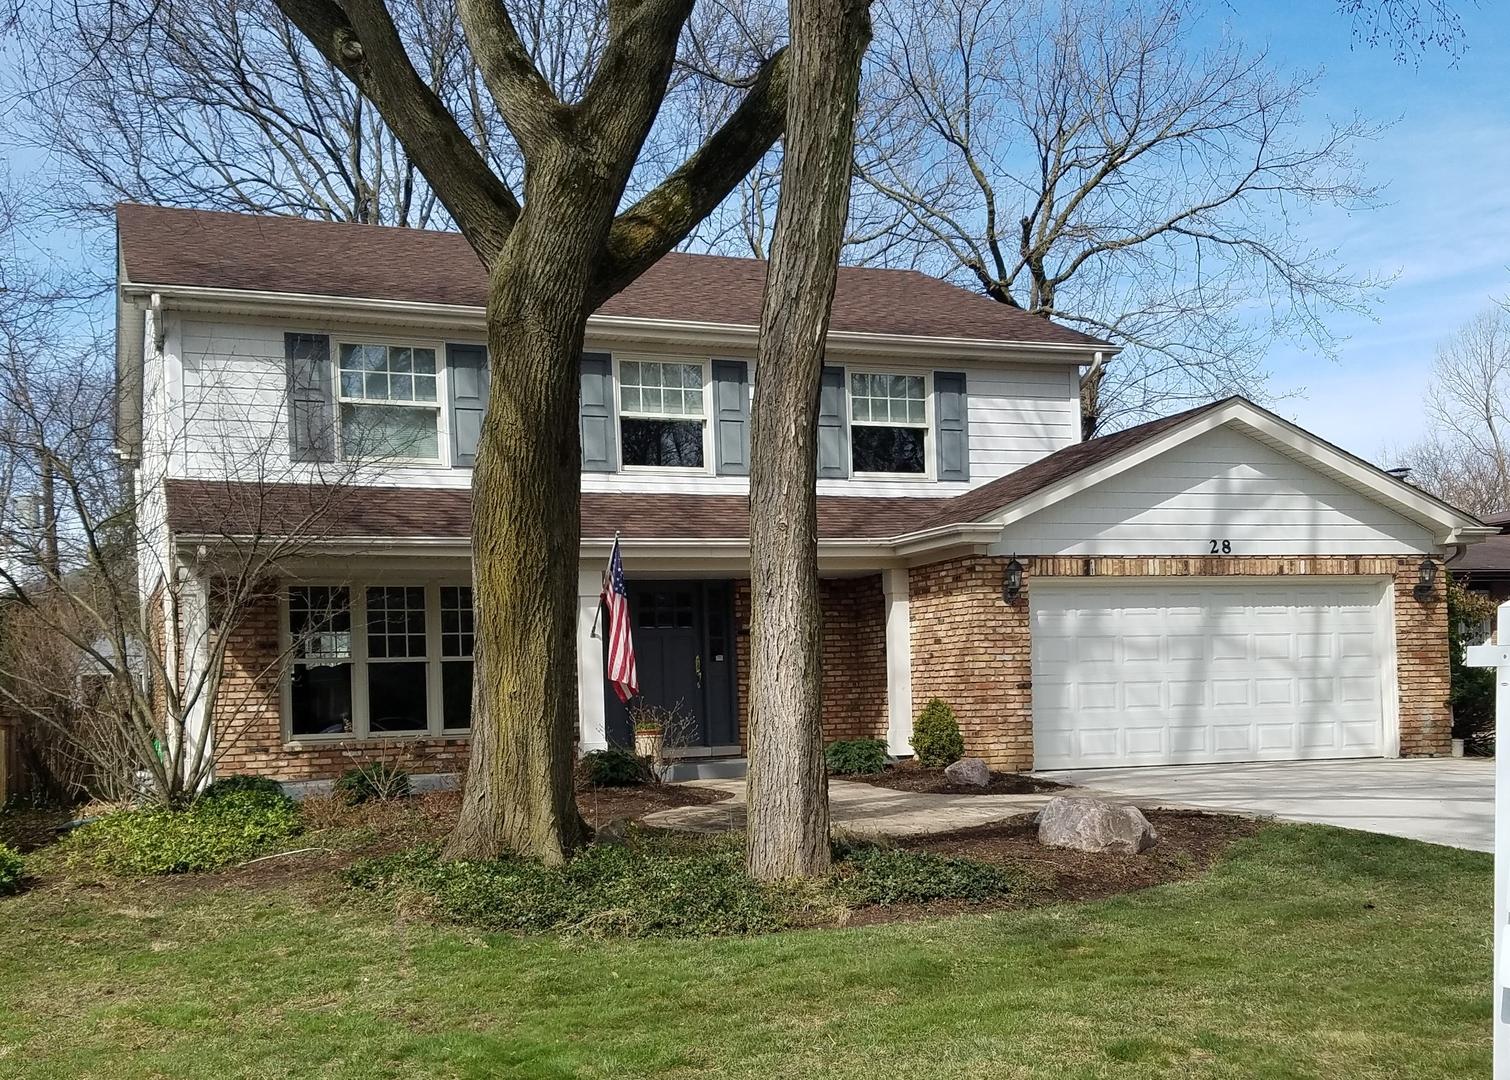 28 Springlake, Hinsdale, Illinois, 60521